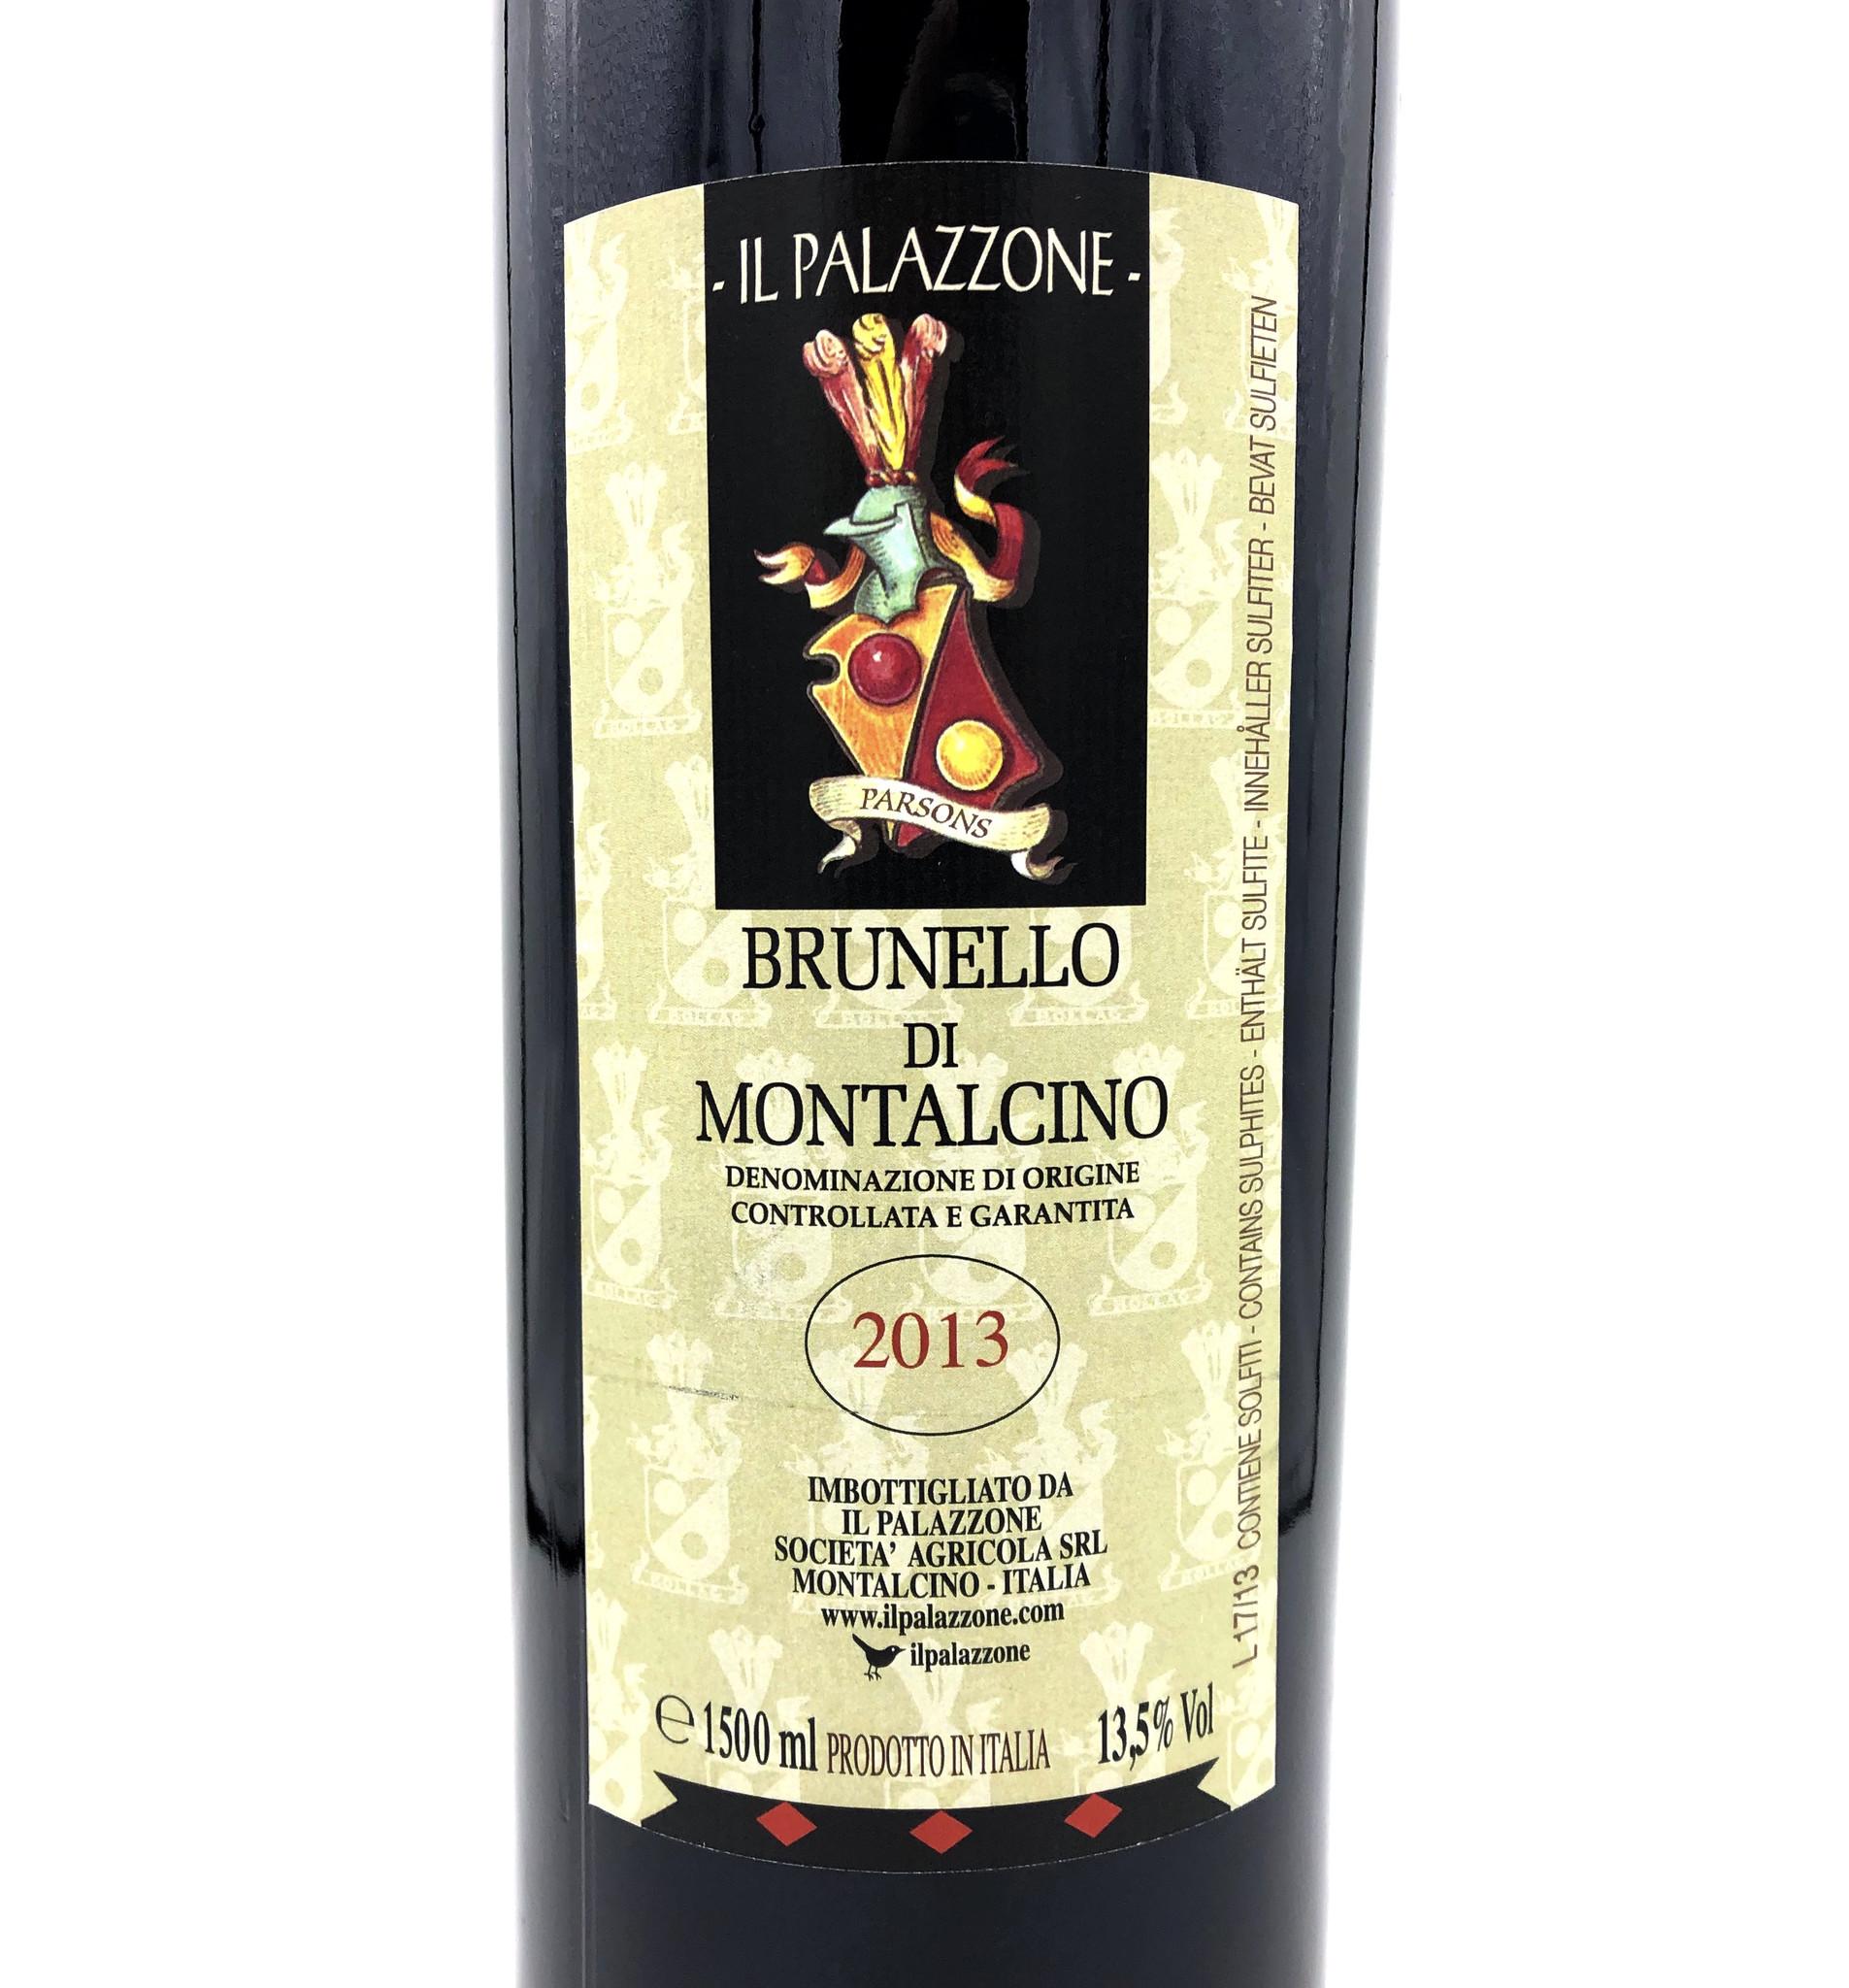 Brunello di Montalcino 1.5L 2013 Il Palazzone